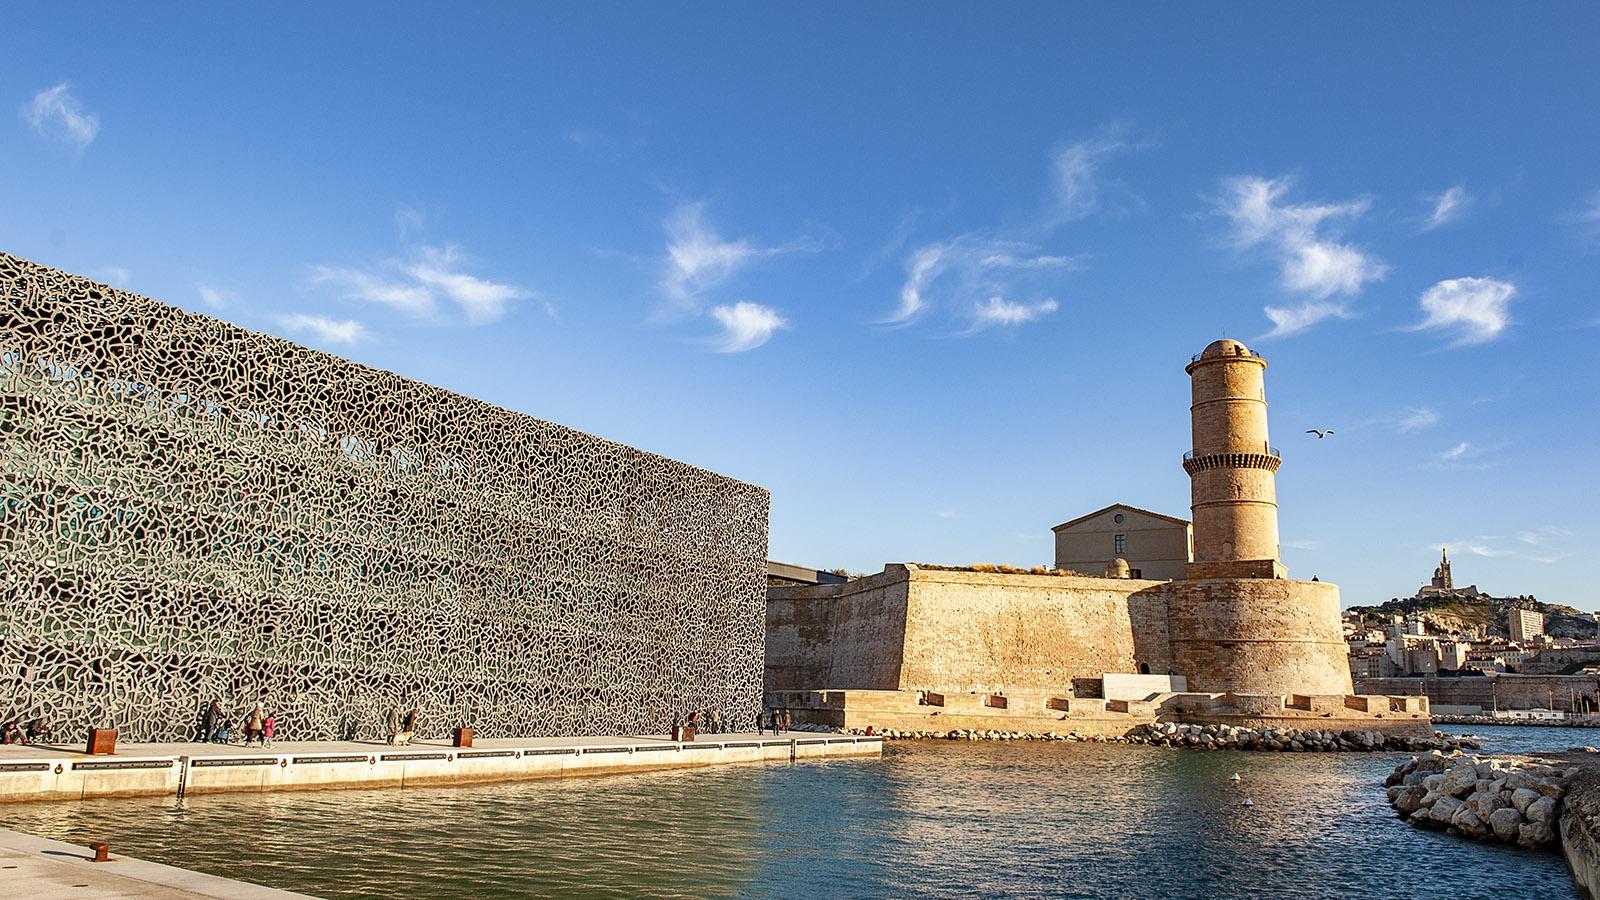 Marseille: Das MuCEM mit Neubau und Fort Saint-Jean sowie Notre-Dame de la Garde am anderen Ufer des Vieux-Port. Foto: Hilke Maunder